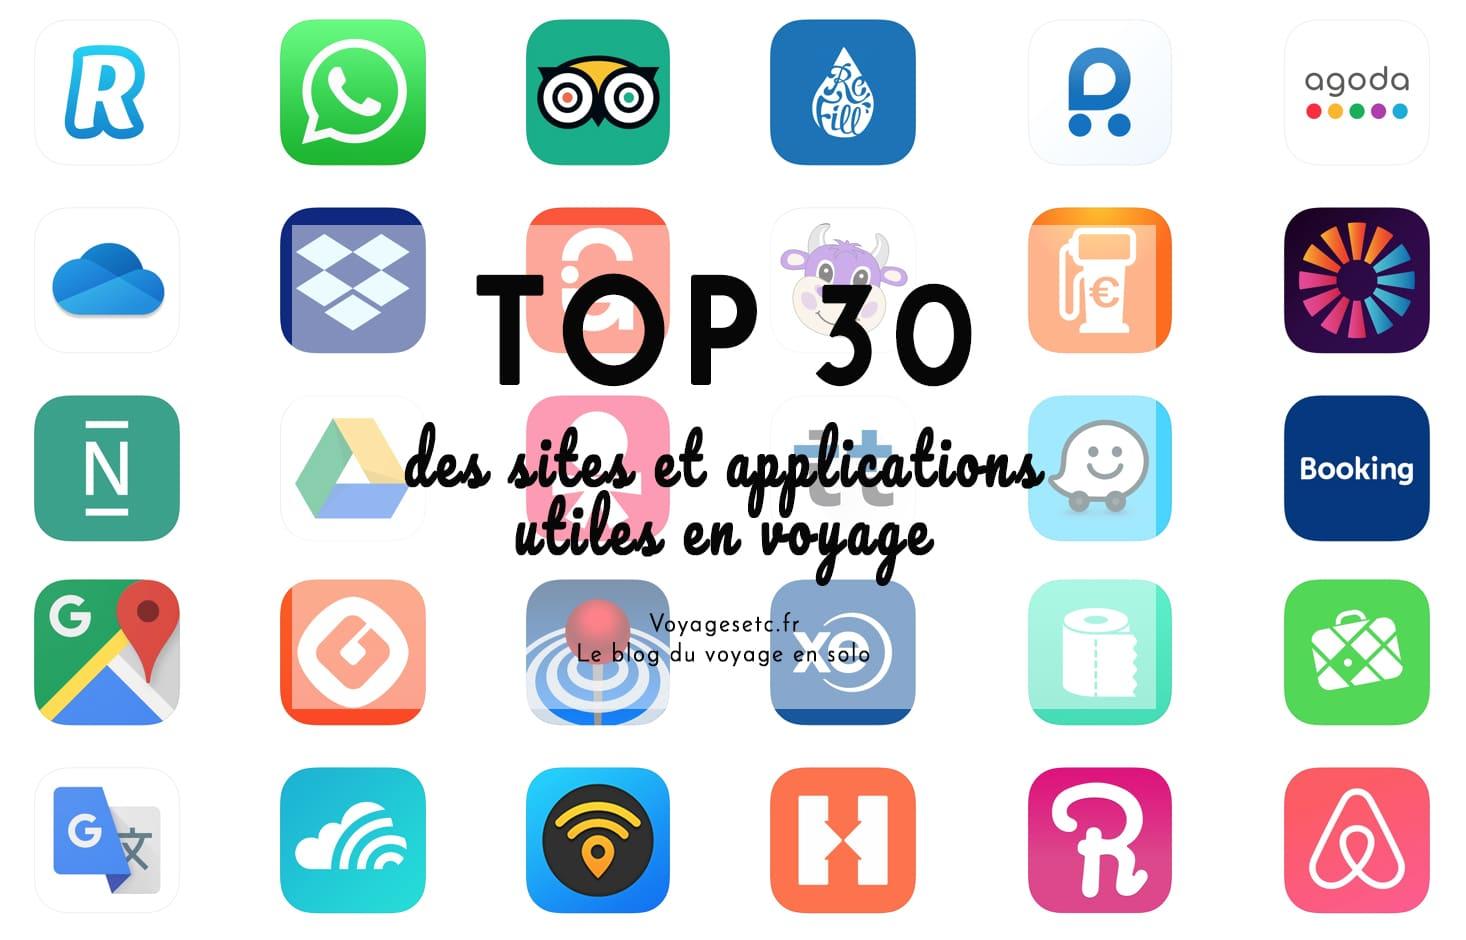 Top 30 des sites et applications utiles en voyage